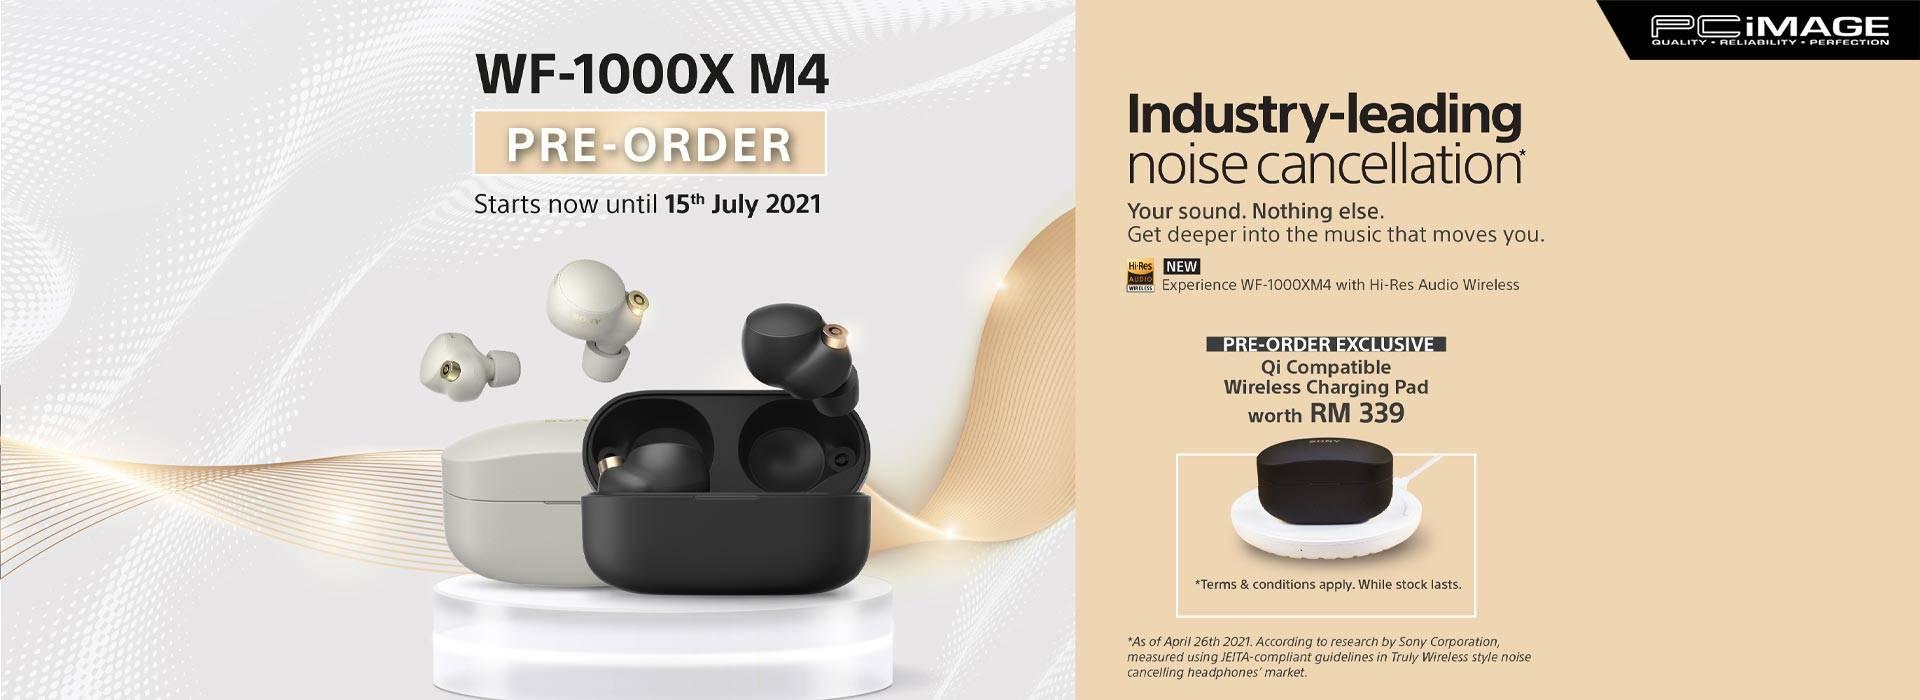 Sony WF-1000XM4 Pre-Order 15 Jul